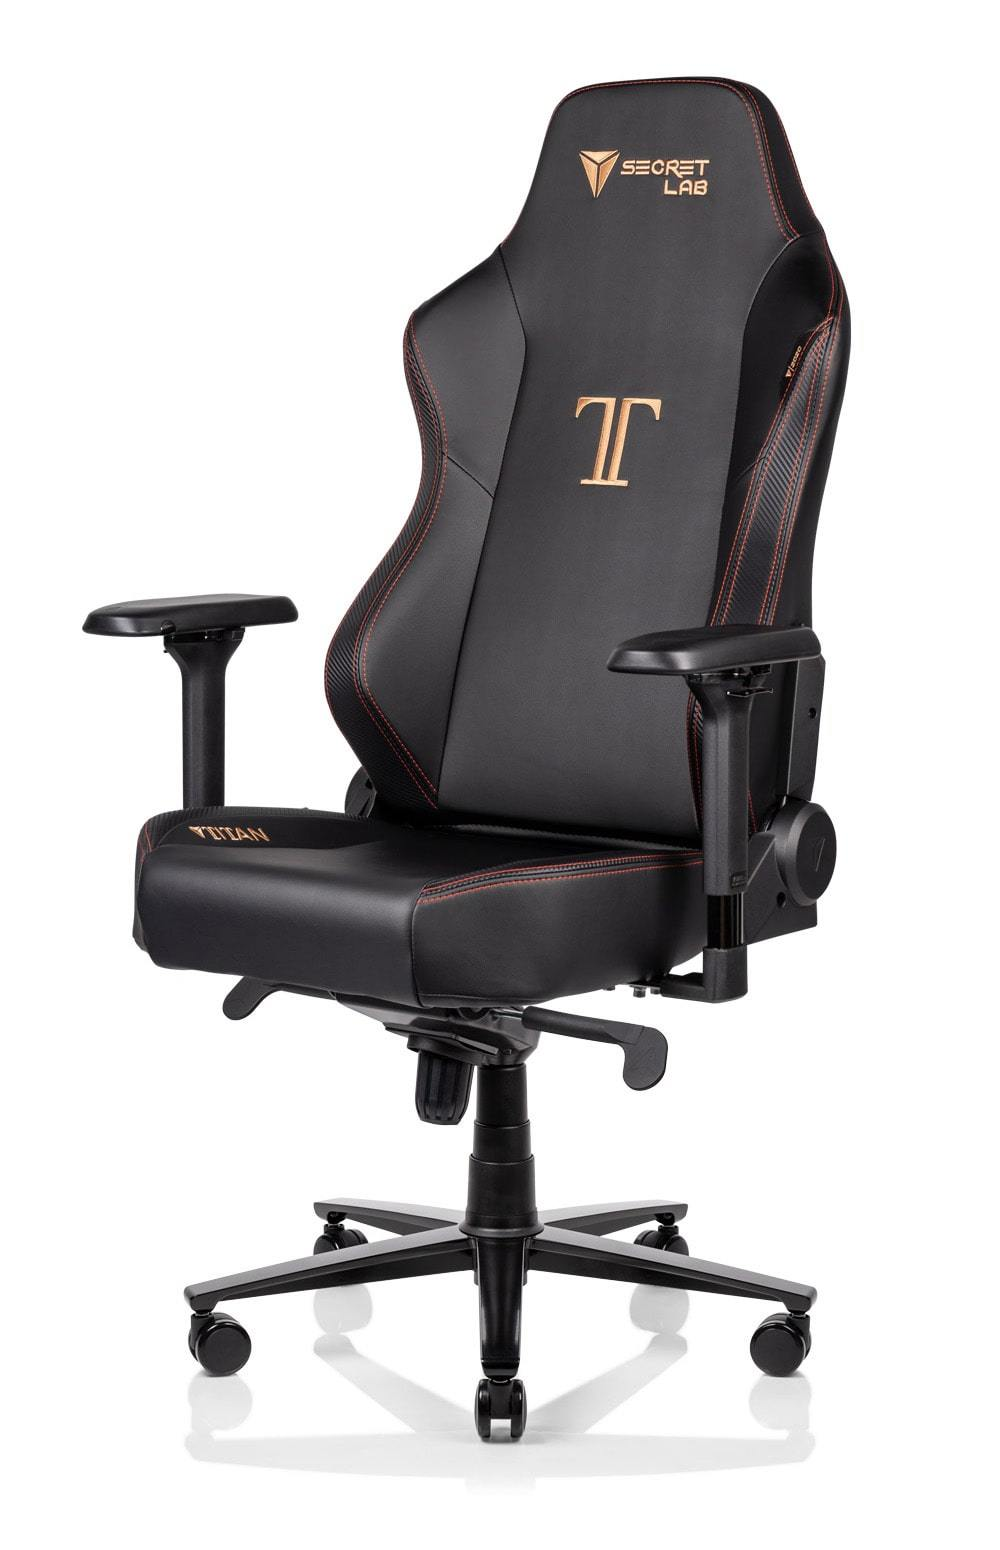 เก้าอี้เกมเมอร์แห่งปี Secretlab TITAN 2020 02